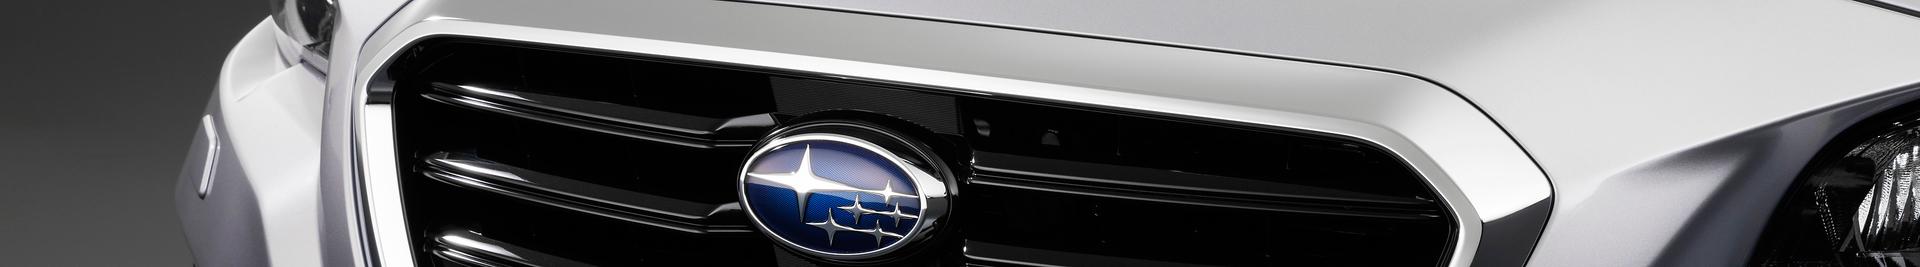 Części do samochodów Subaru